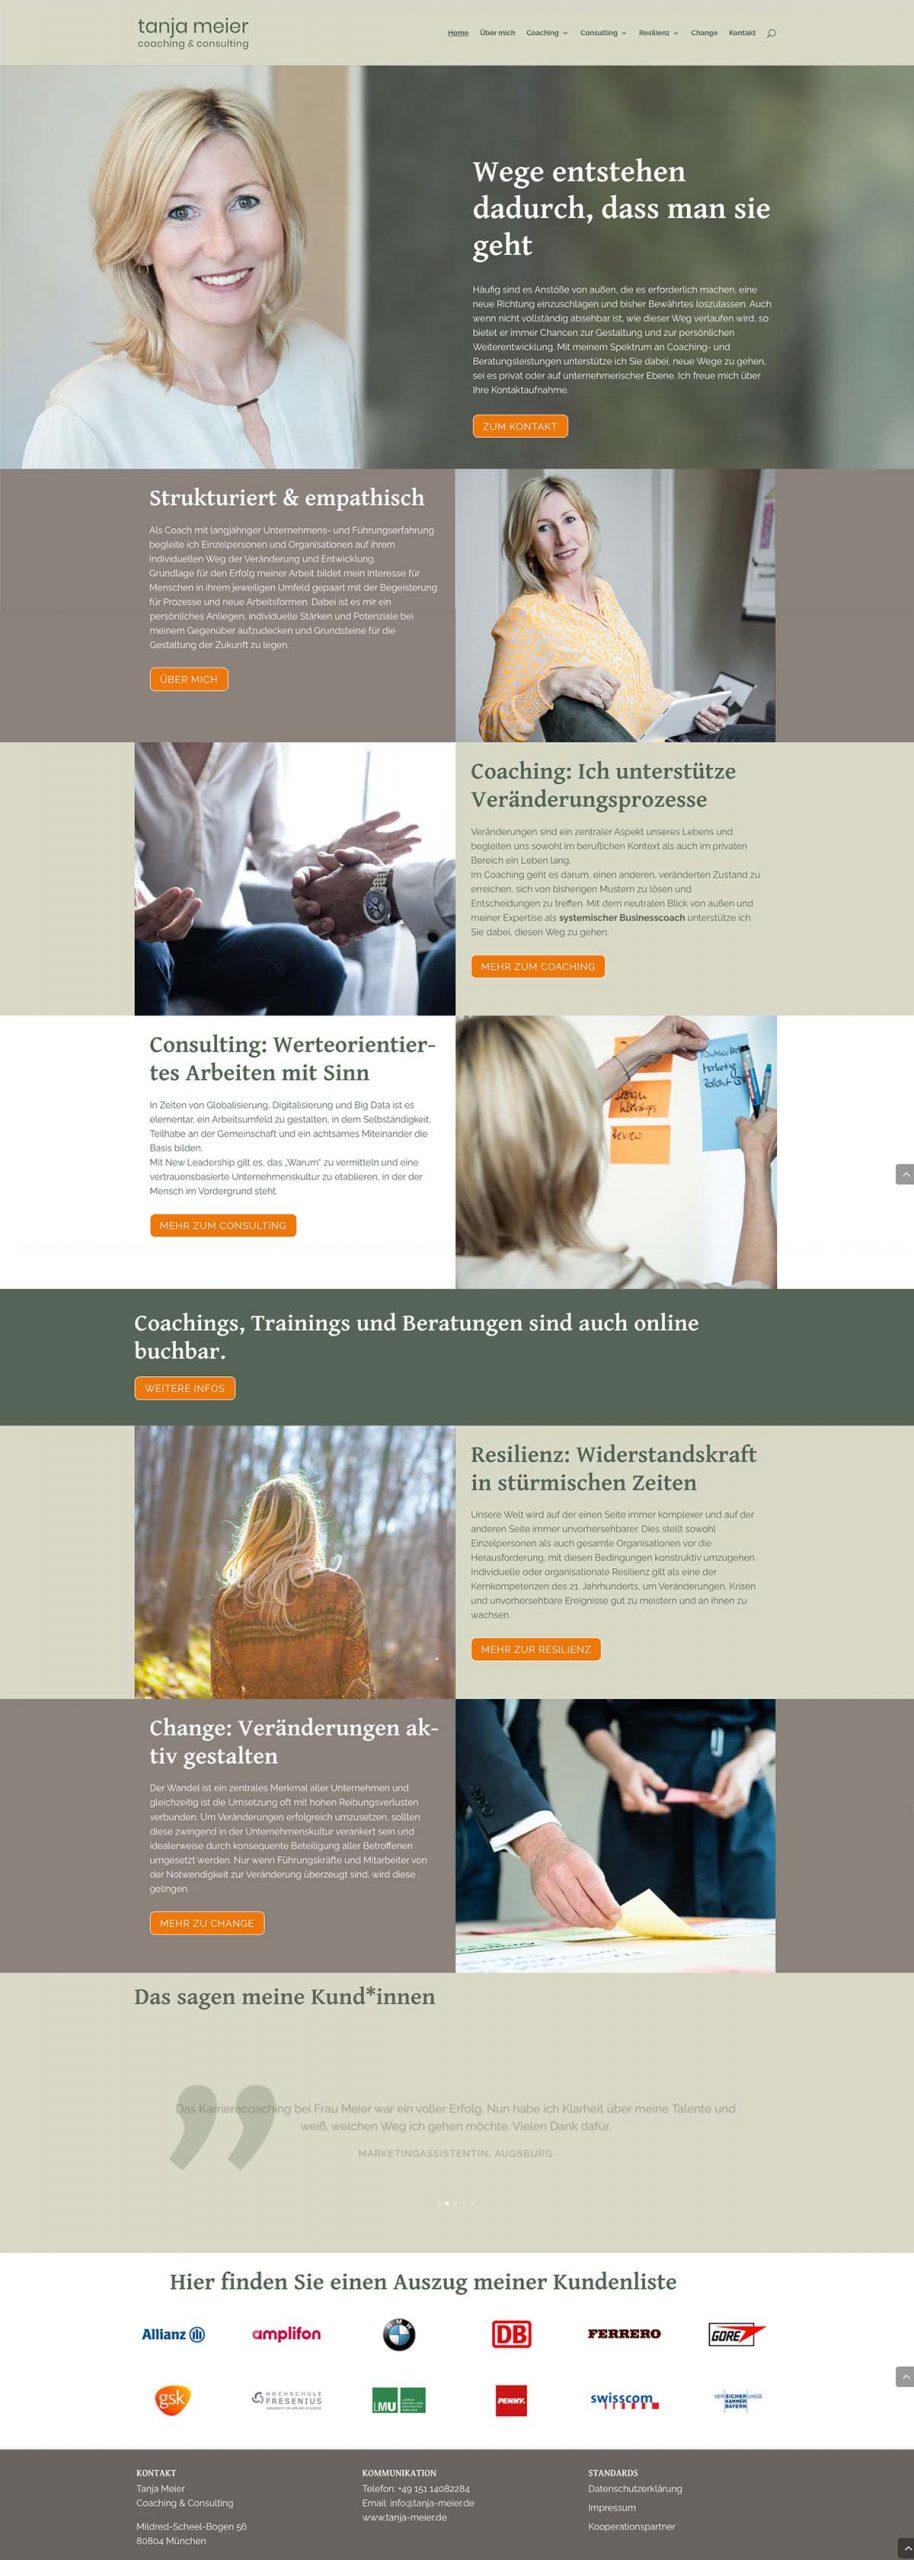 Ein Onepager zeigt alle wichtiegn Informationen auf einer Website